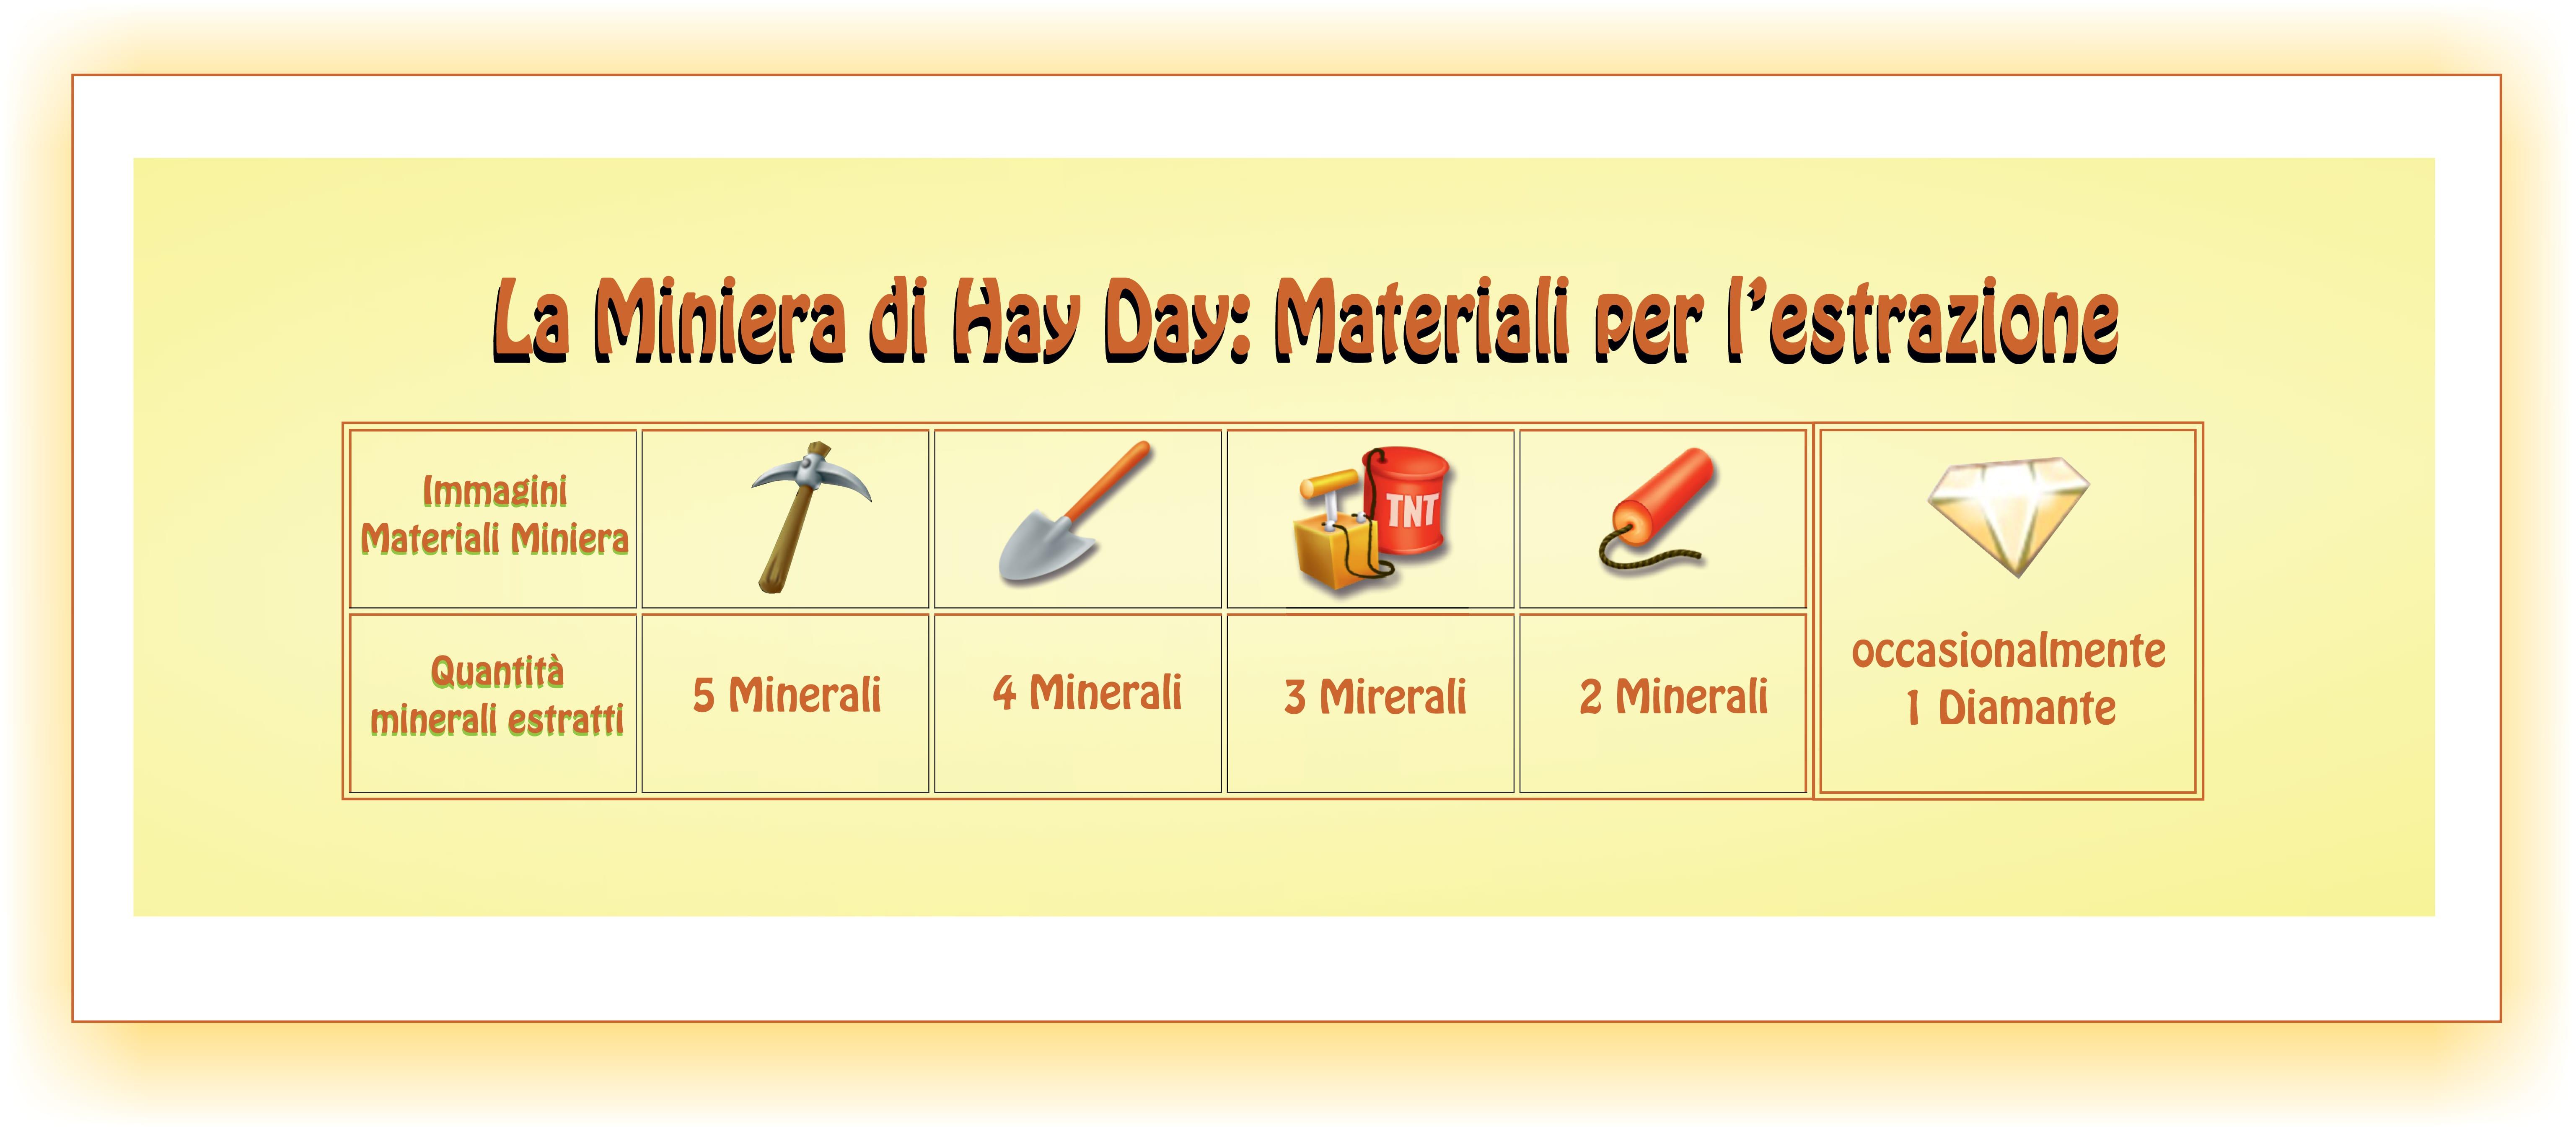 La miniera di Day Day-materiali per l'estrazione